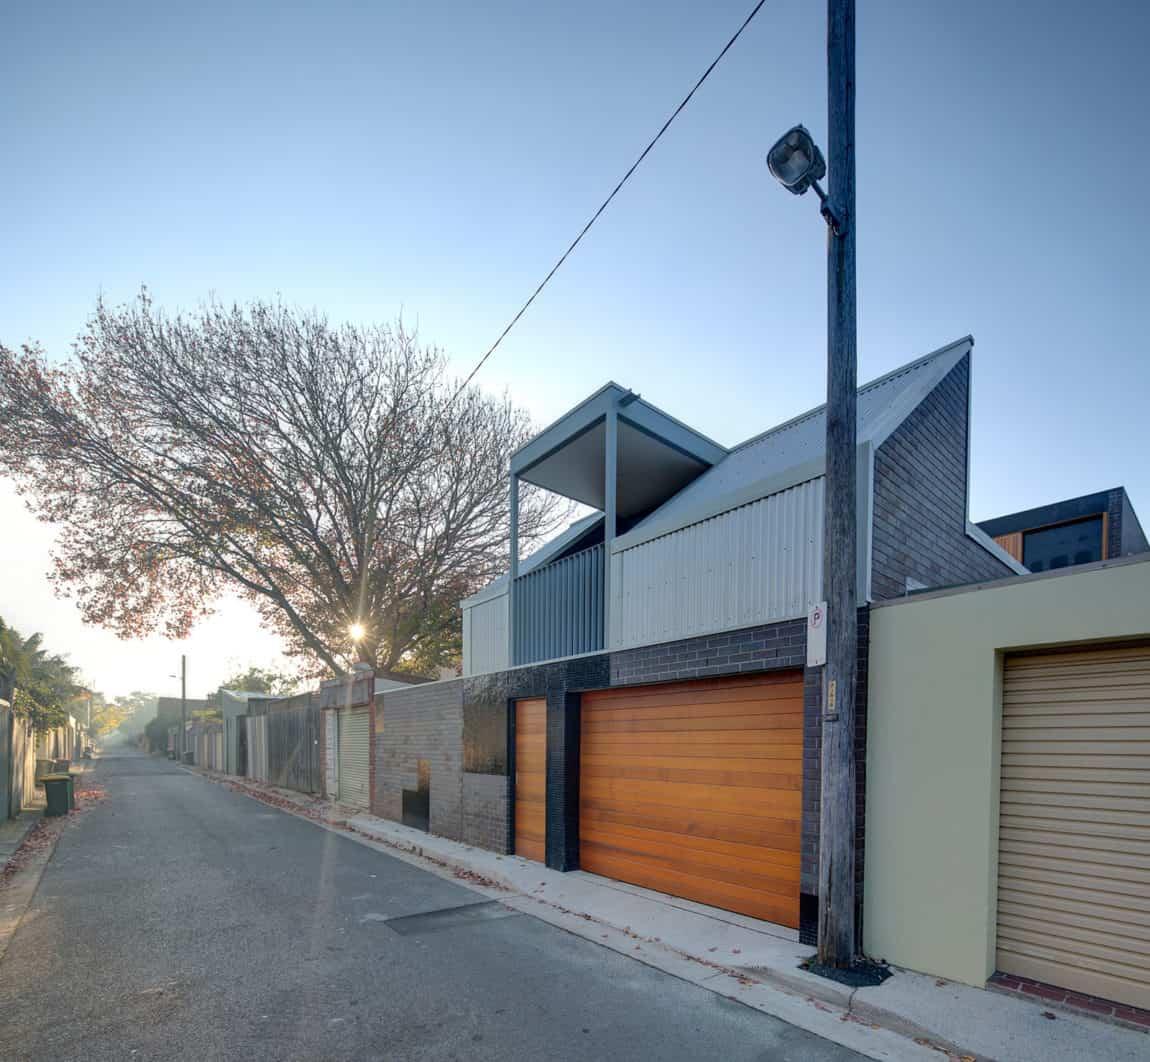 Spiegel Haus by Carterwilliamson Architects (1)